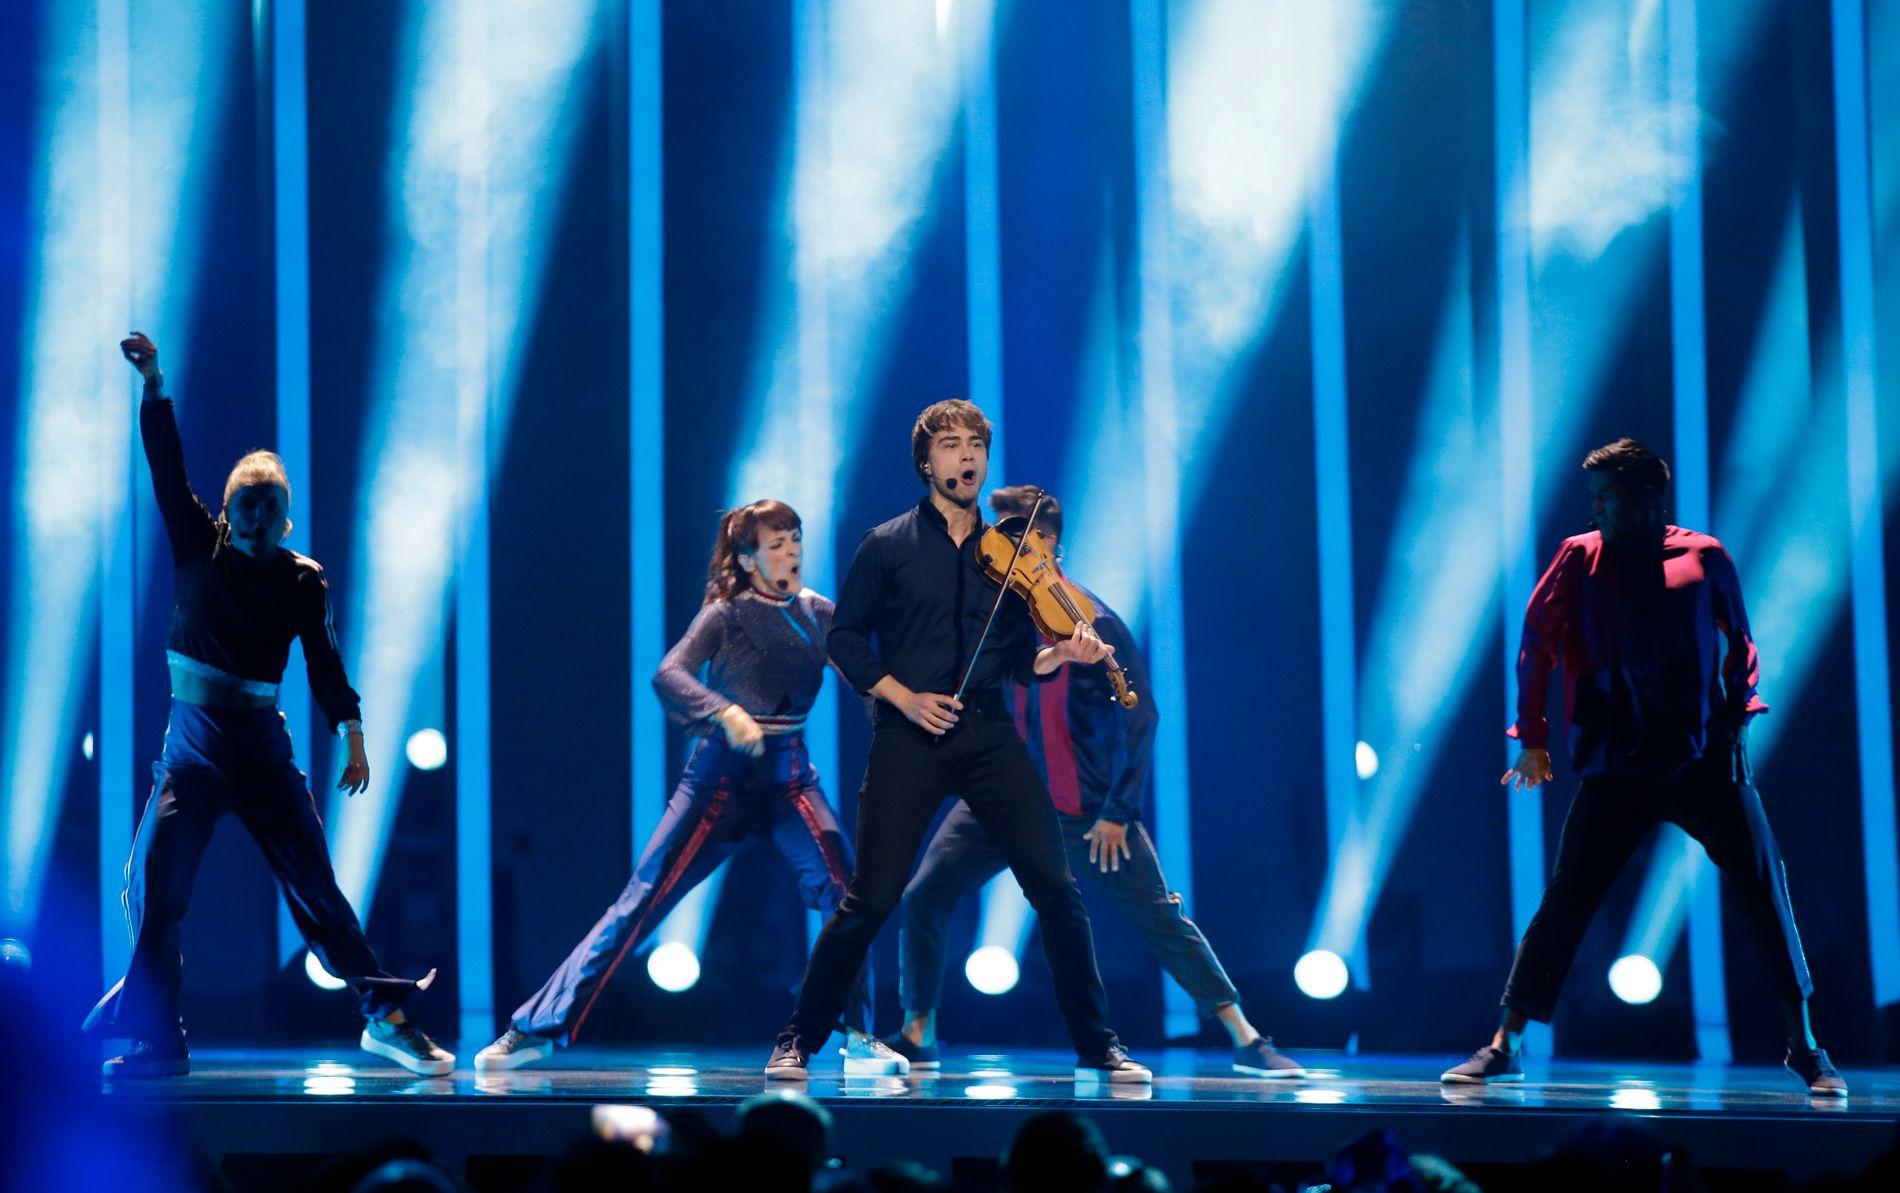 I AKSJONB: Alexander Rybak på scenen torsdag kveld.